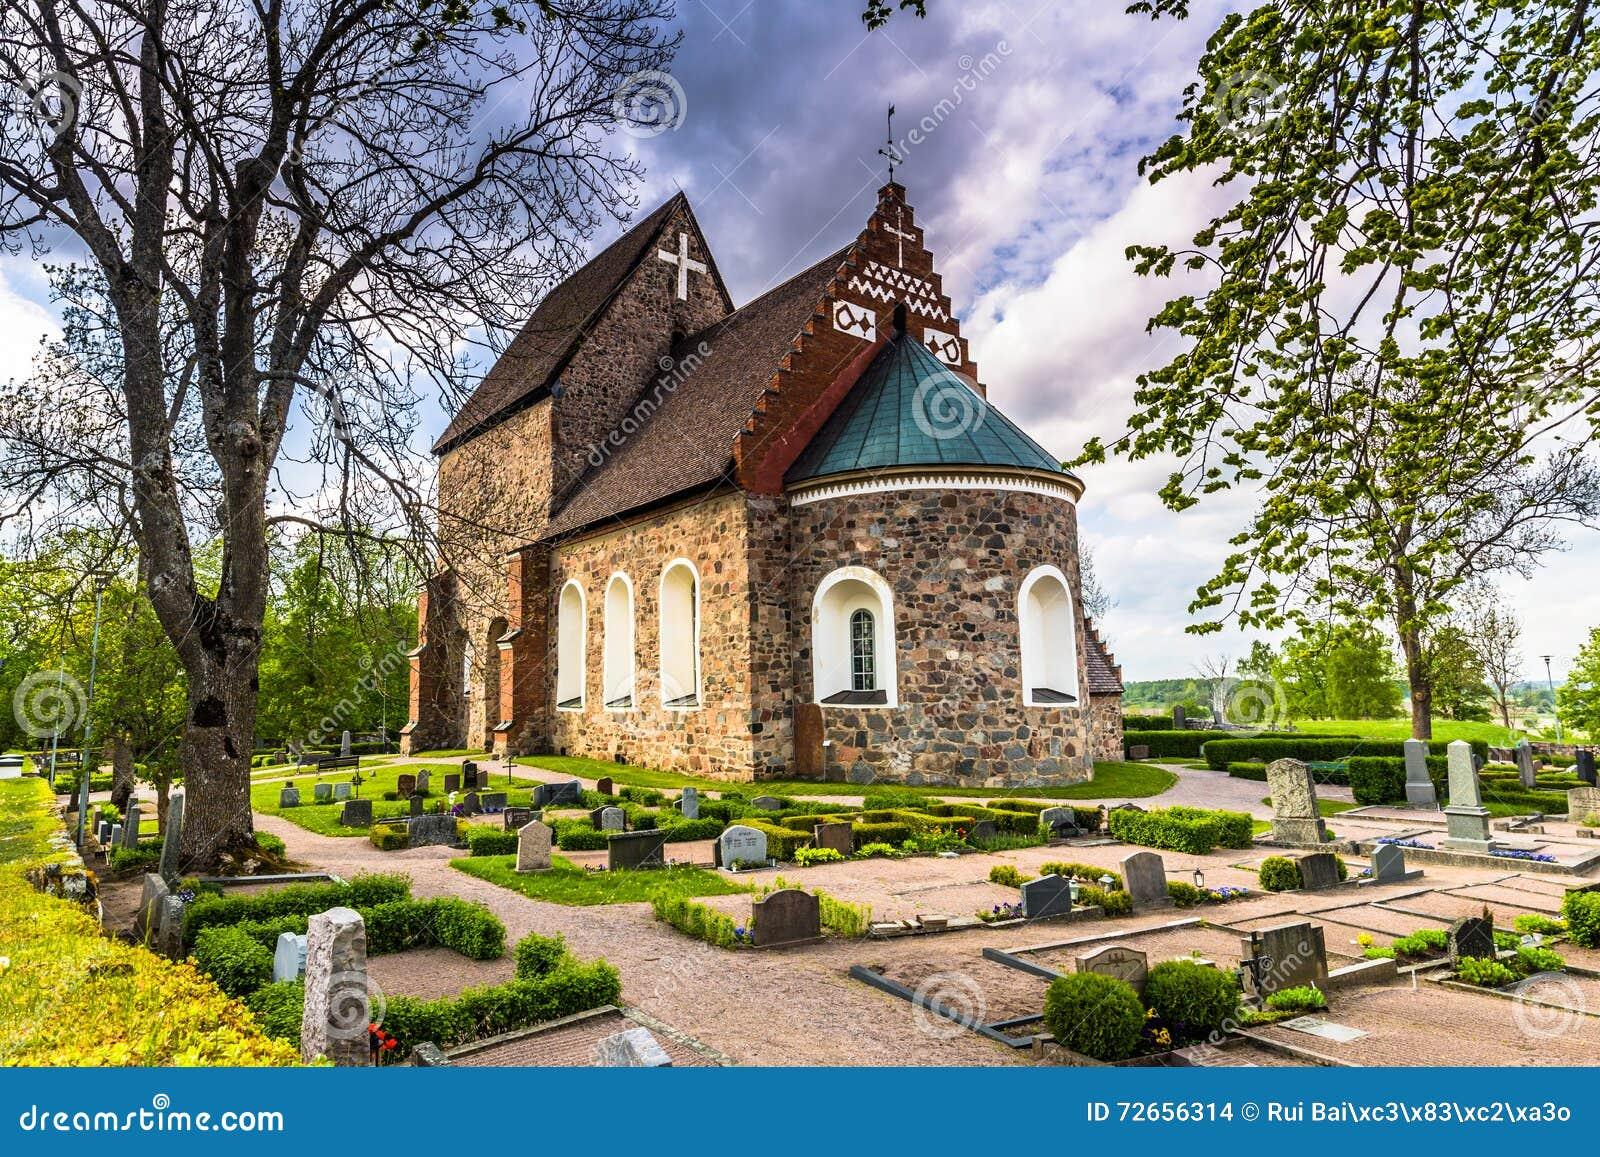 Stary kościół Gamla Uppsala, Szwecja